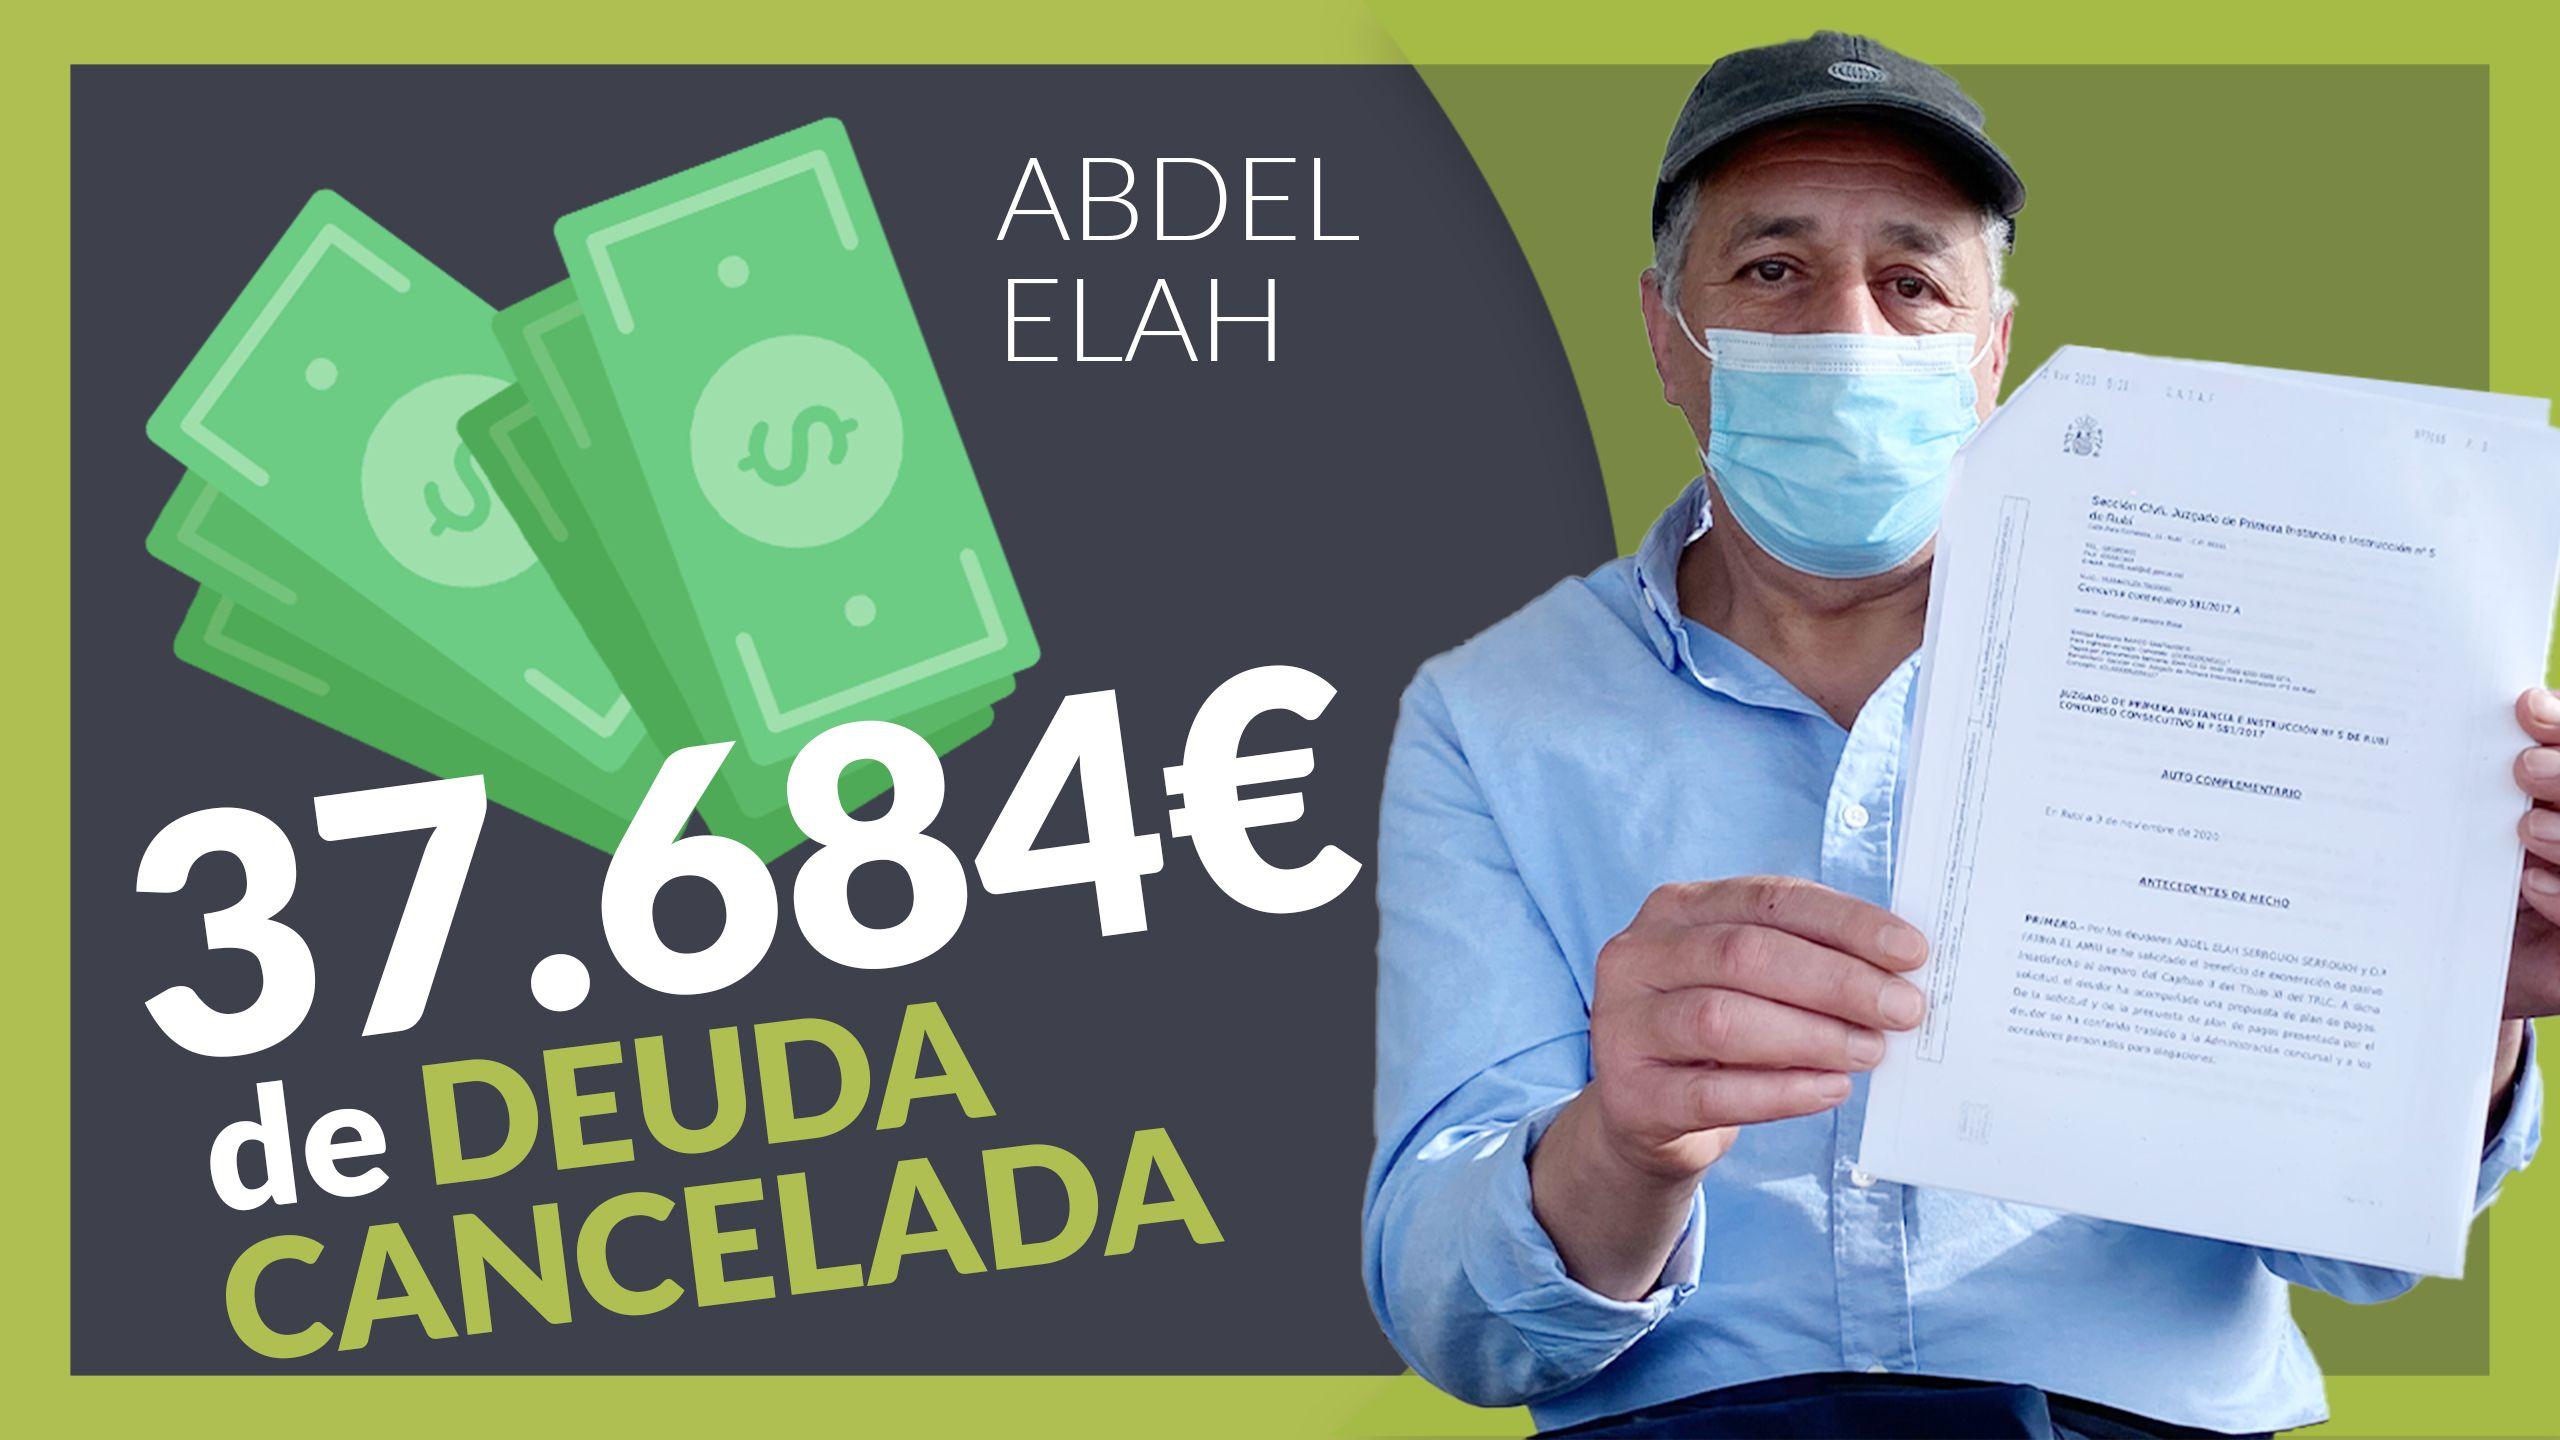 Foto de Abdel, cliente de Repara tu deuda abogados.